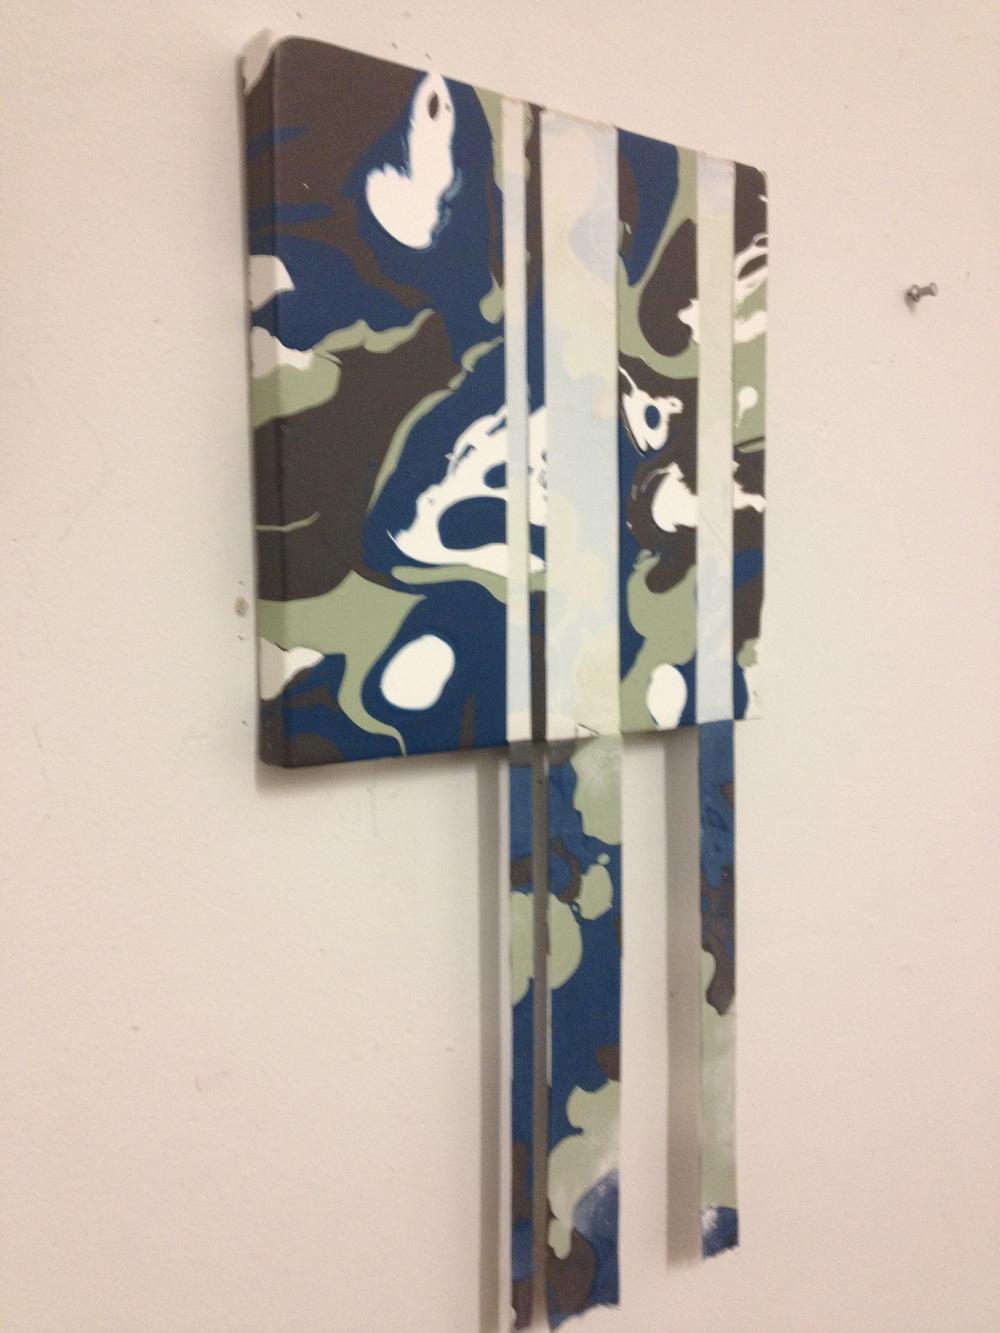 Untitled camo (striped)